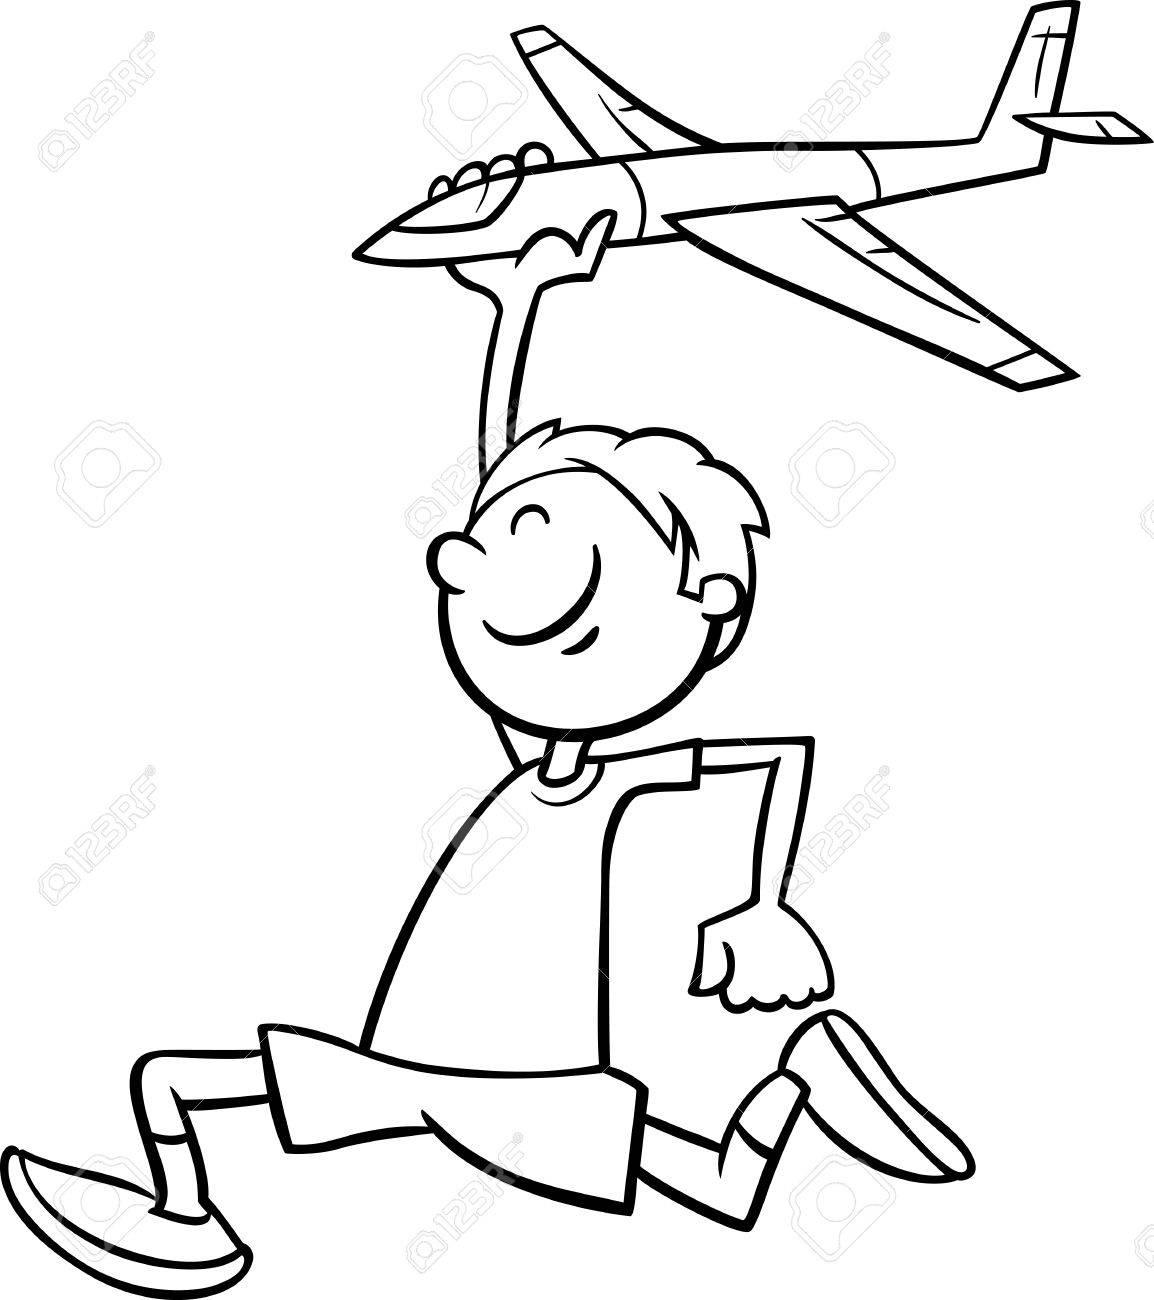 塗り絵のおもちゃの飛行機の幸せな小さな男の子の白黒漫画イラストの